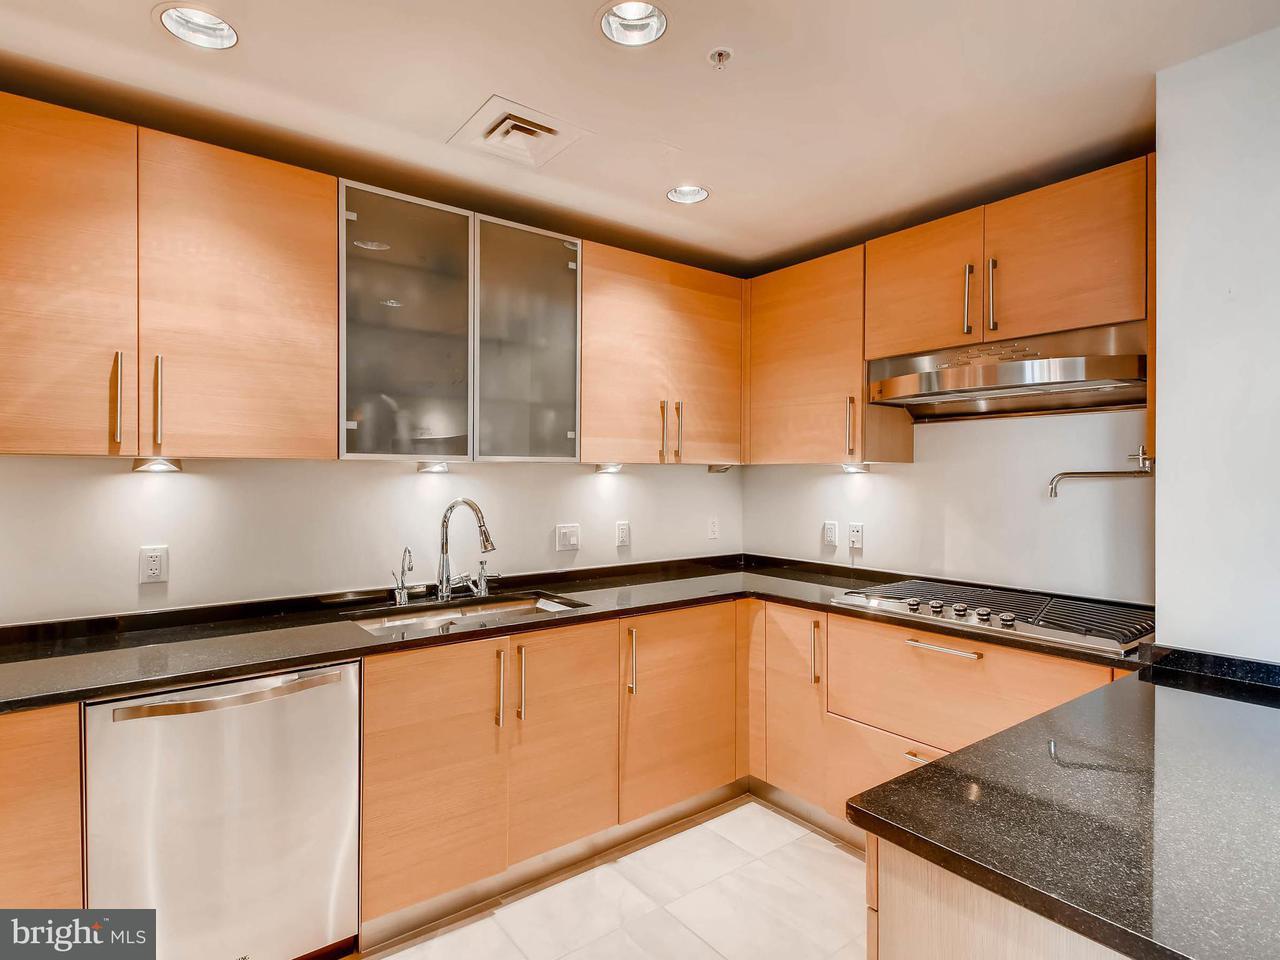 Eigentumswohnung für Verkauf beim 801 Key Hwy #333 801 Key Hwy #333 Baltimore, Maryland 21230 Vereinigte Staaten